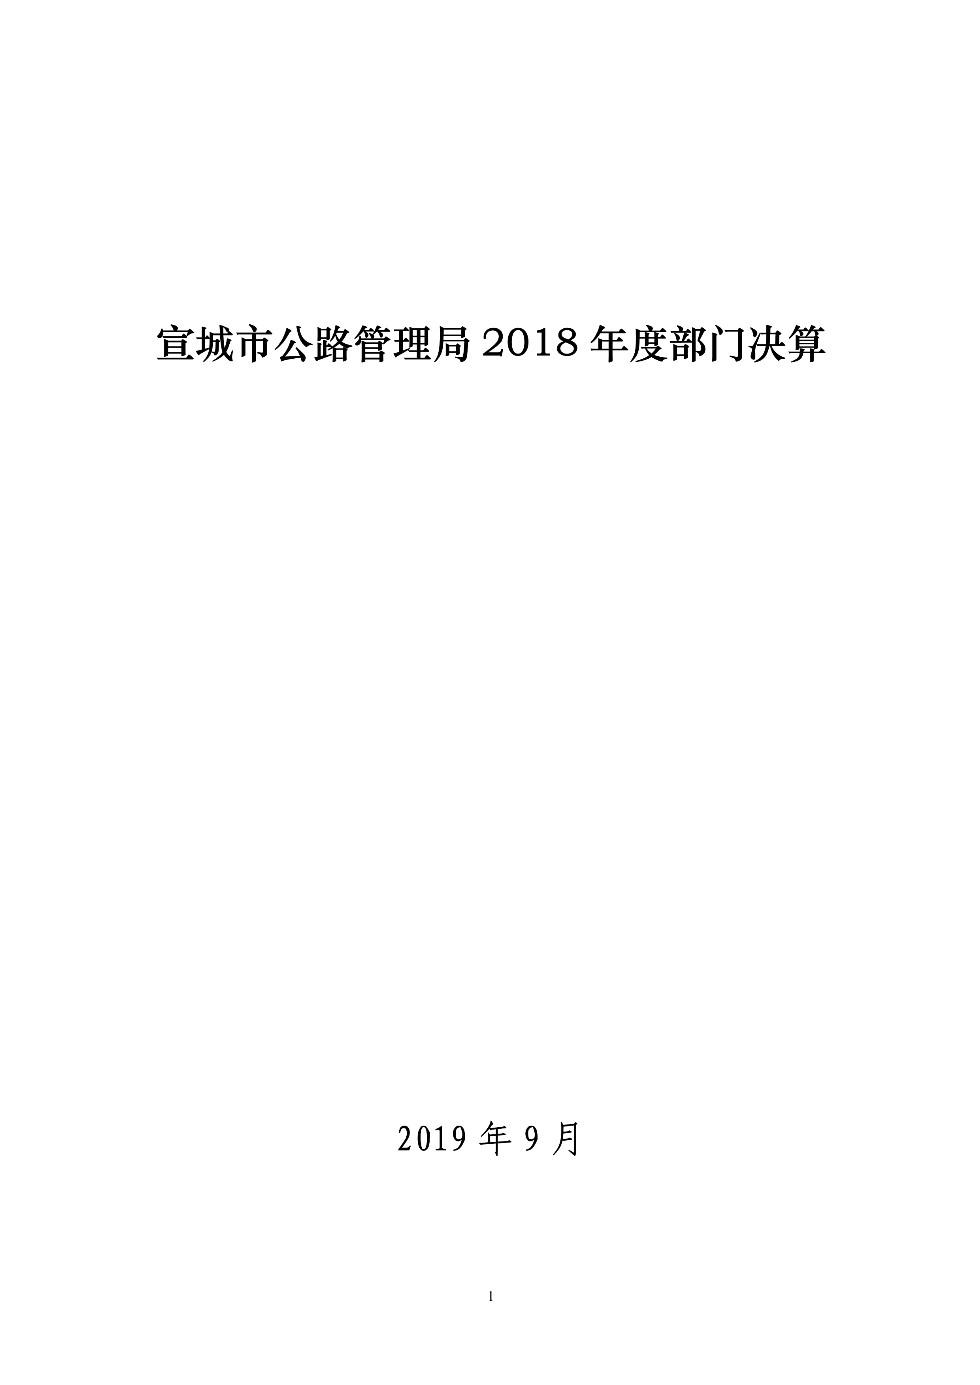 2018年公路局决算公开222_1.jpg